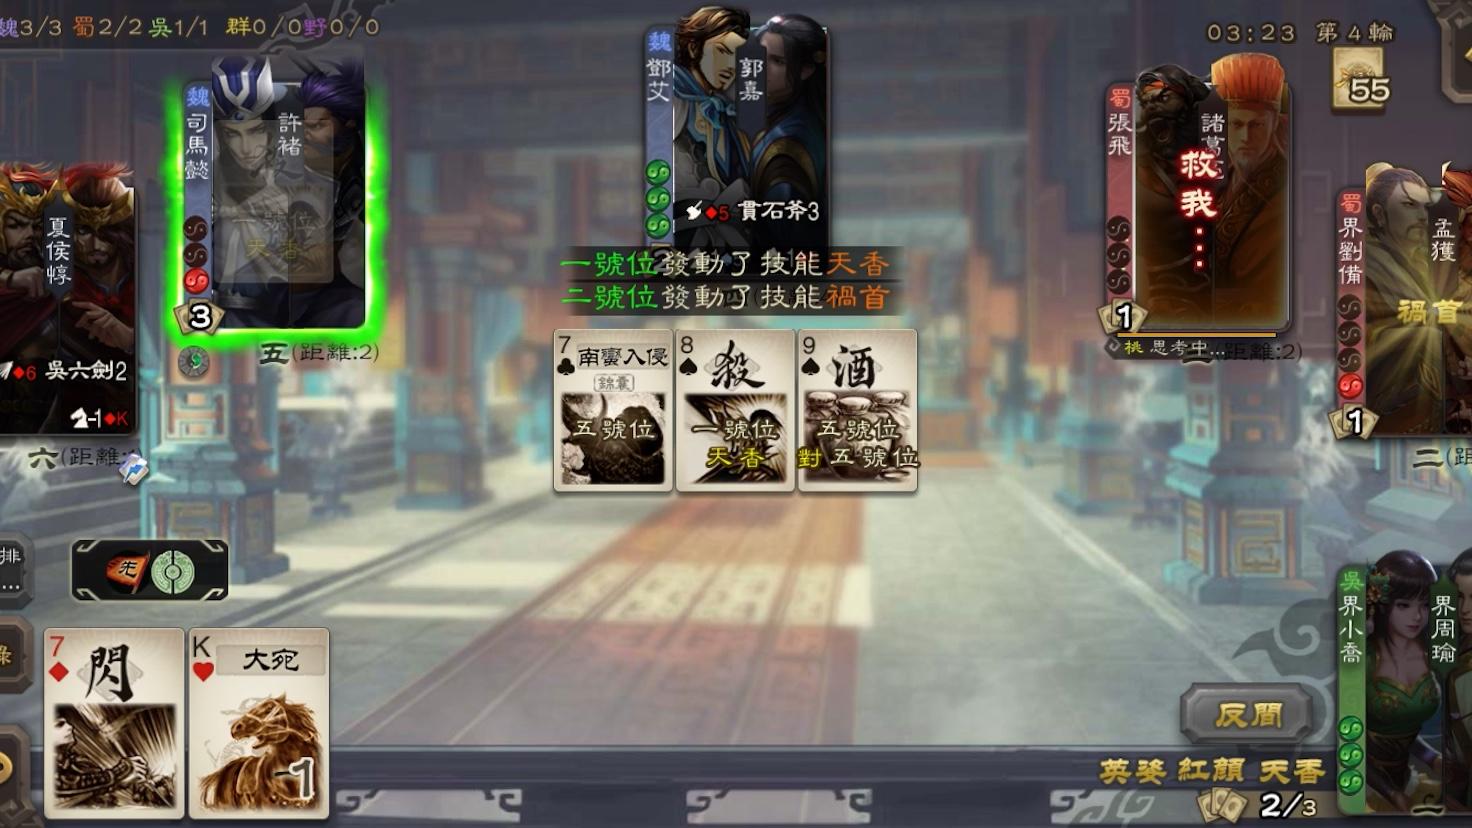 【三國殺】國戰1打5,絕地反殺時刻